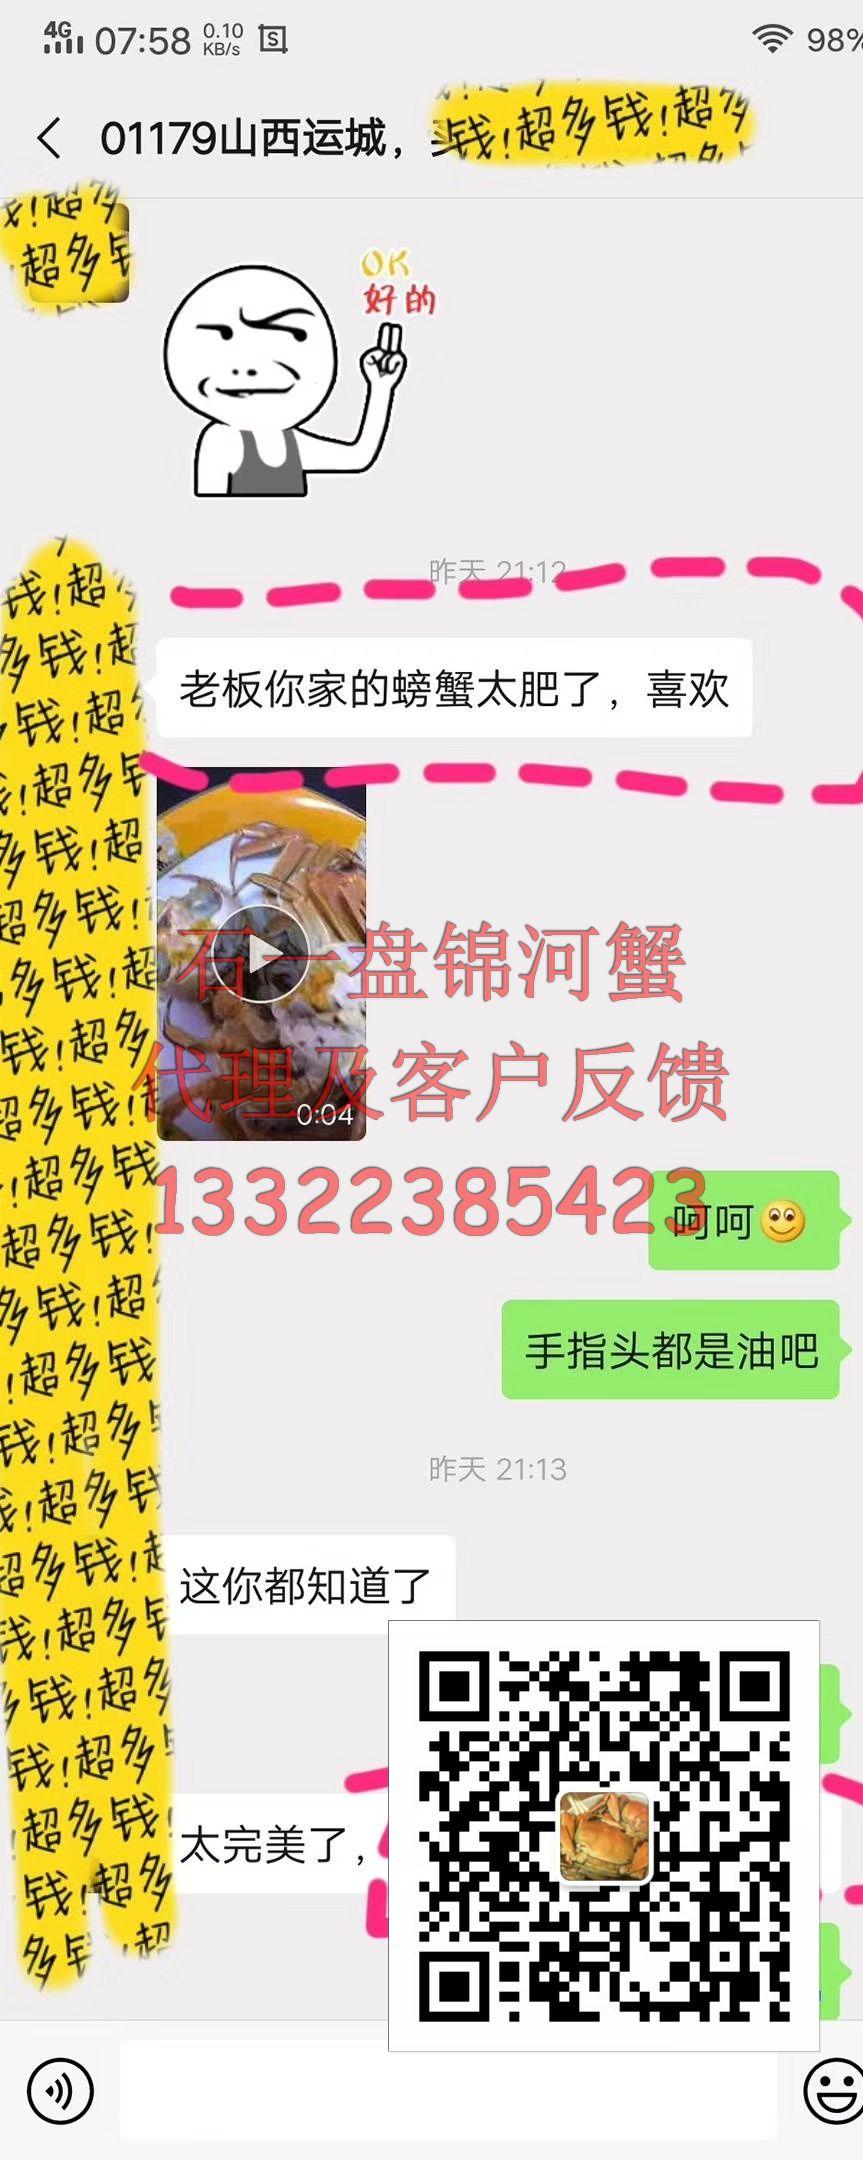 盘锦稻田河蟹批发价格,2两多少钱一斤?